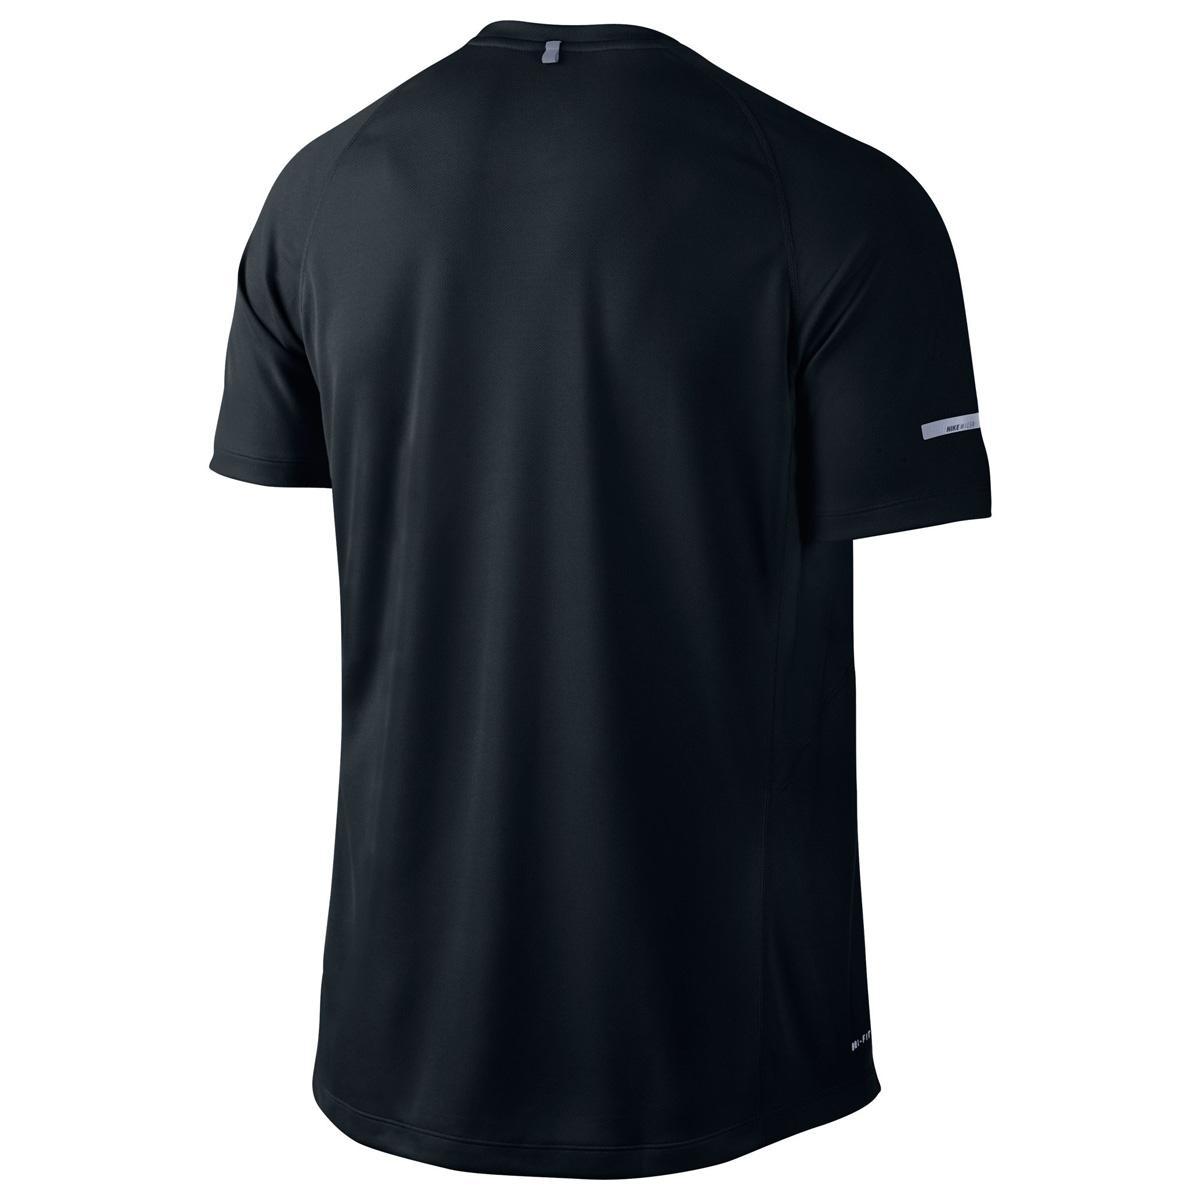 Nike mens miler uv short sleeve running shirt black for Nike short sleeve shirt